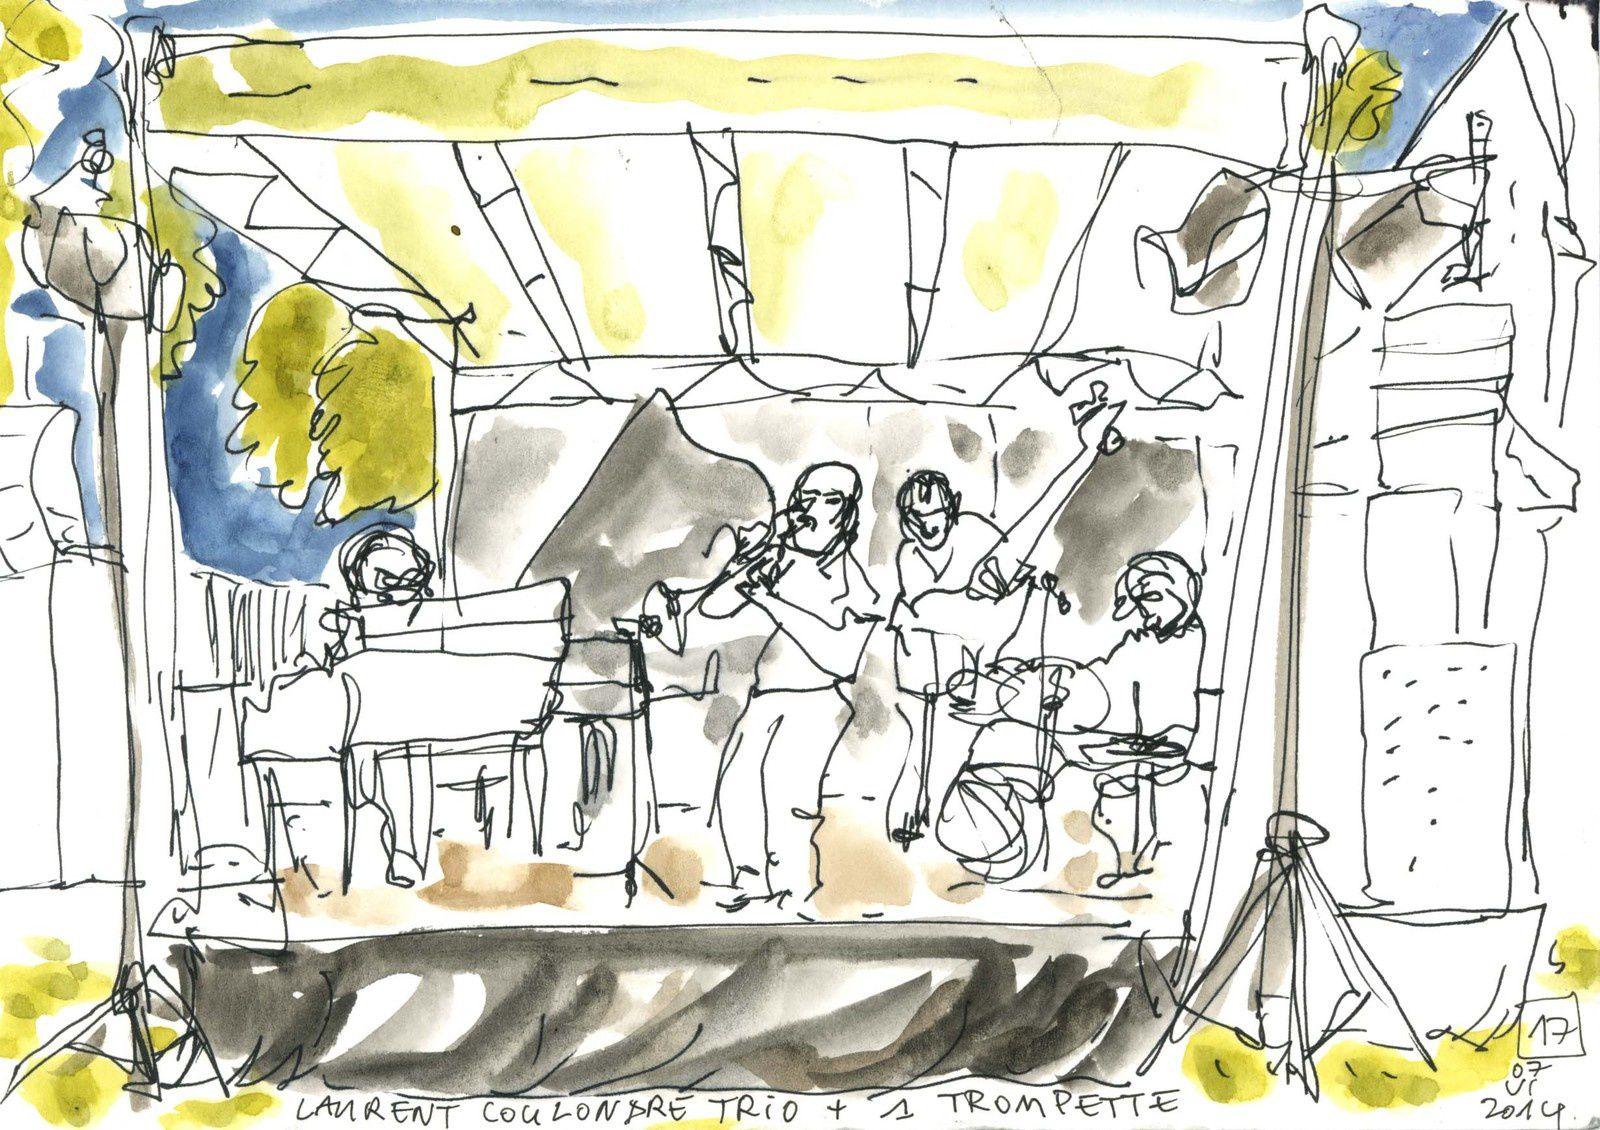 Laurent Coulondre trio (Ferté jazz festival, juin 2014)